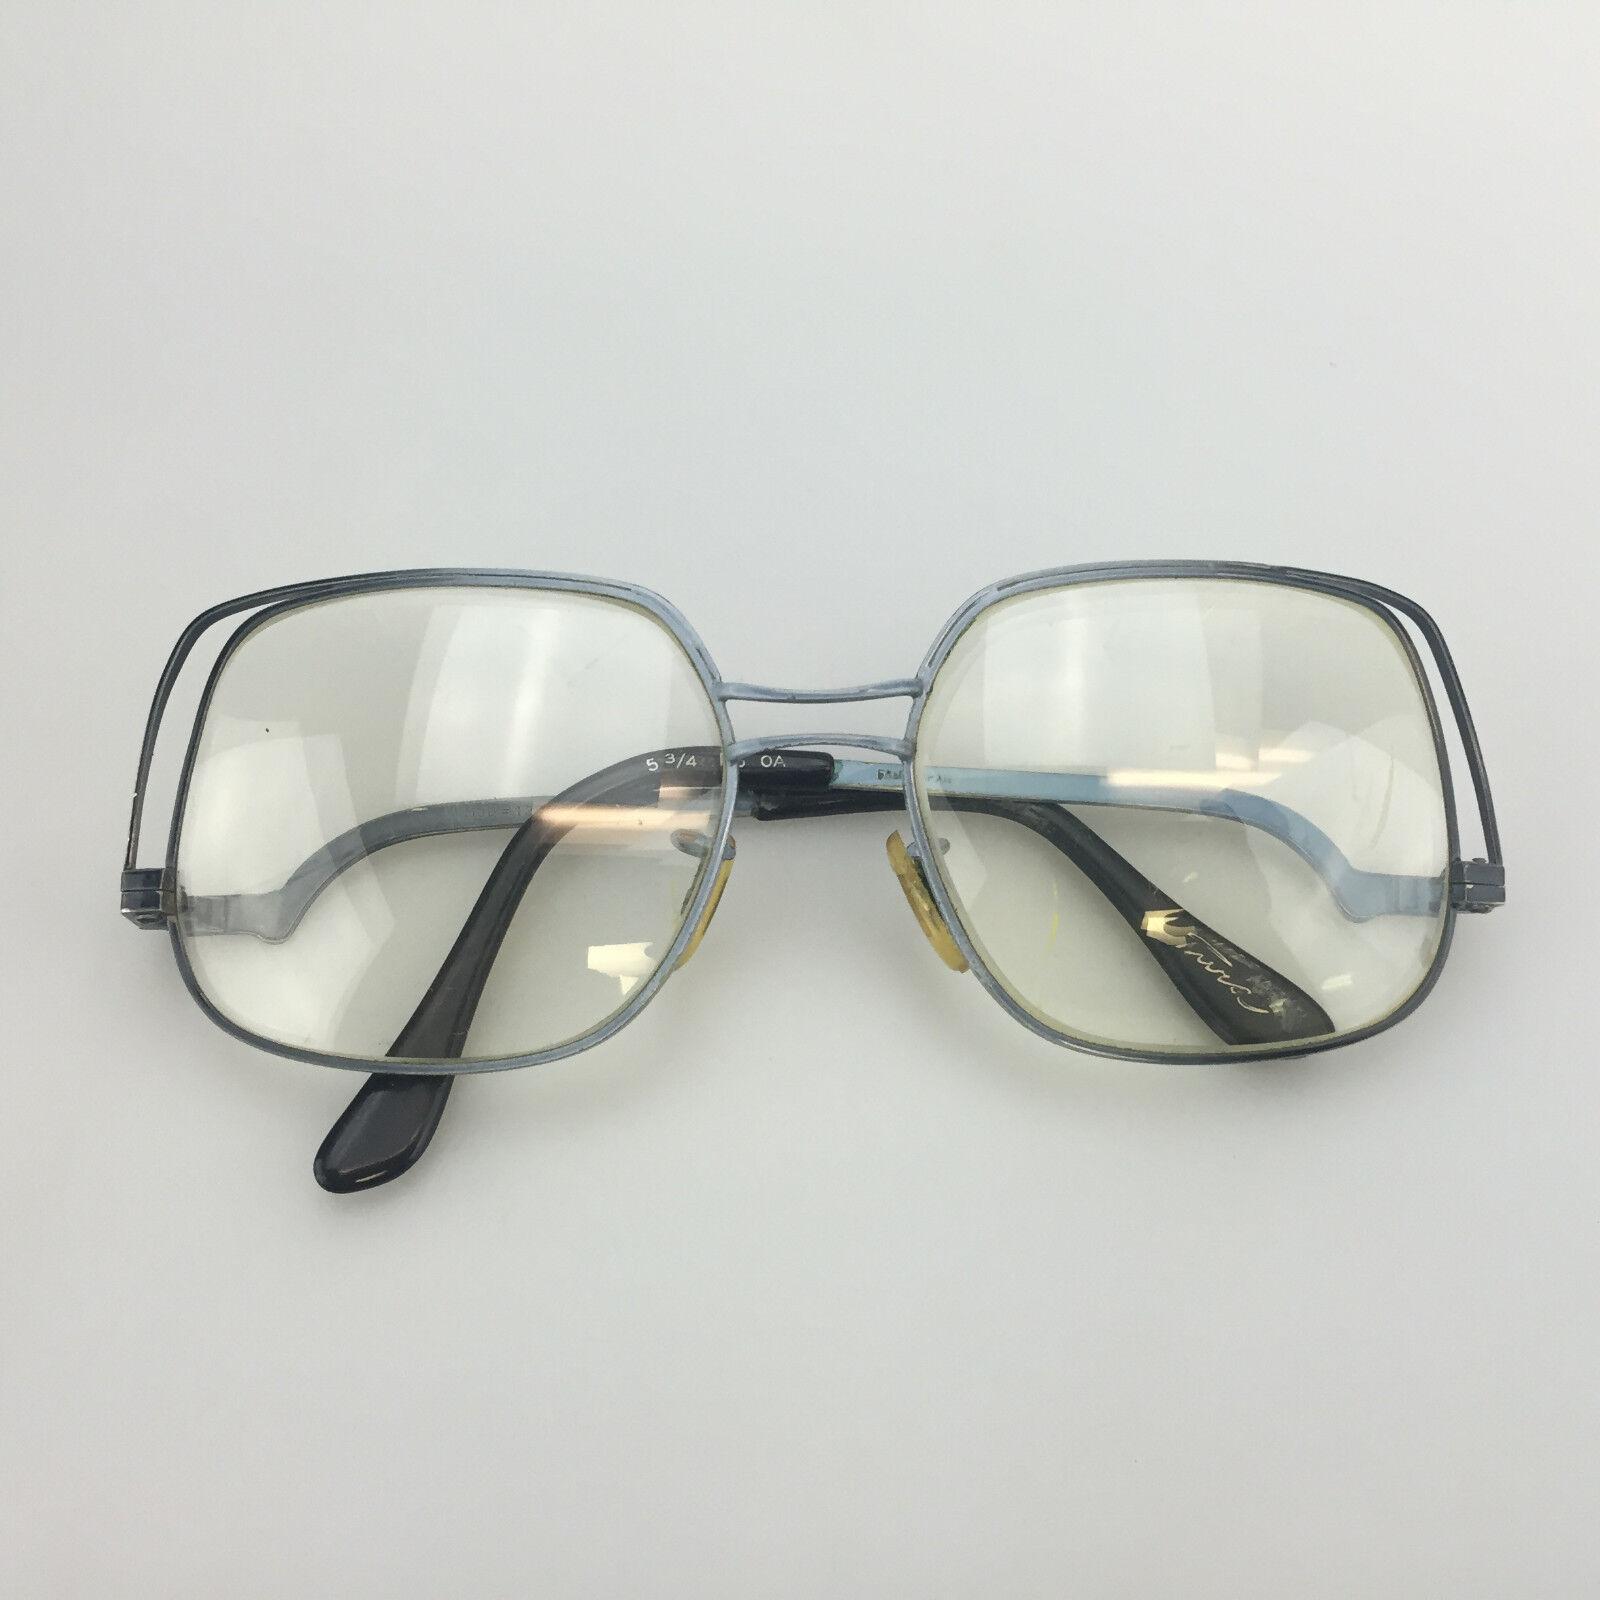 Tura Eyeglasses Mod 125 G 146 OA Metal Vintage Prescription ...